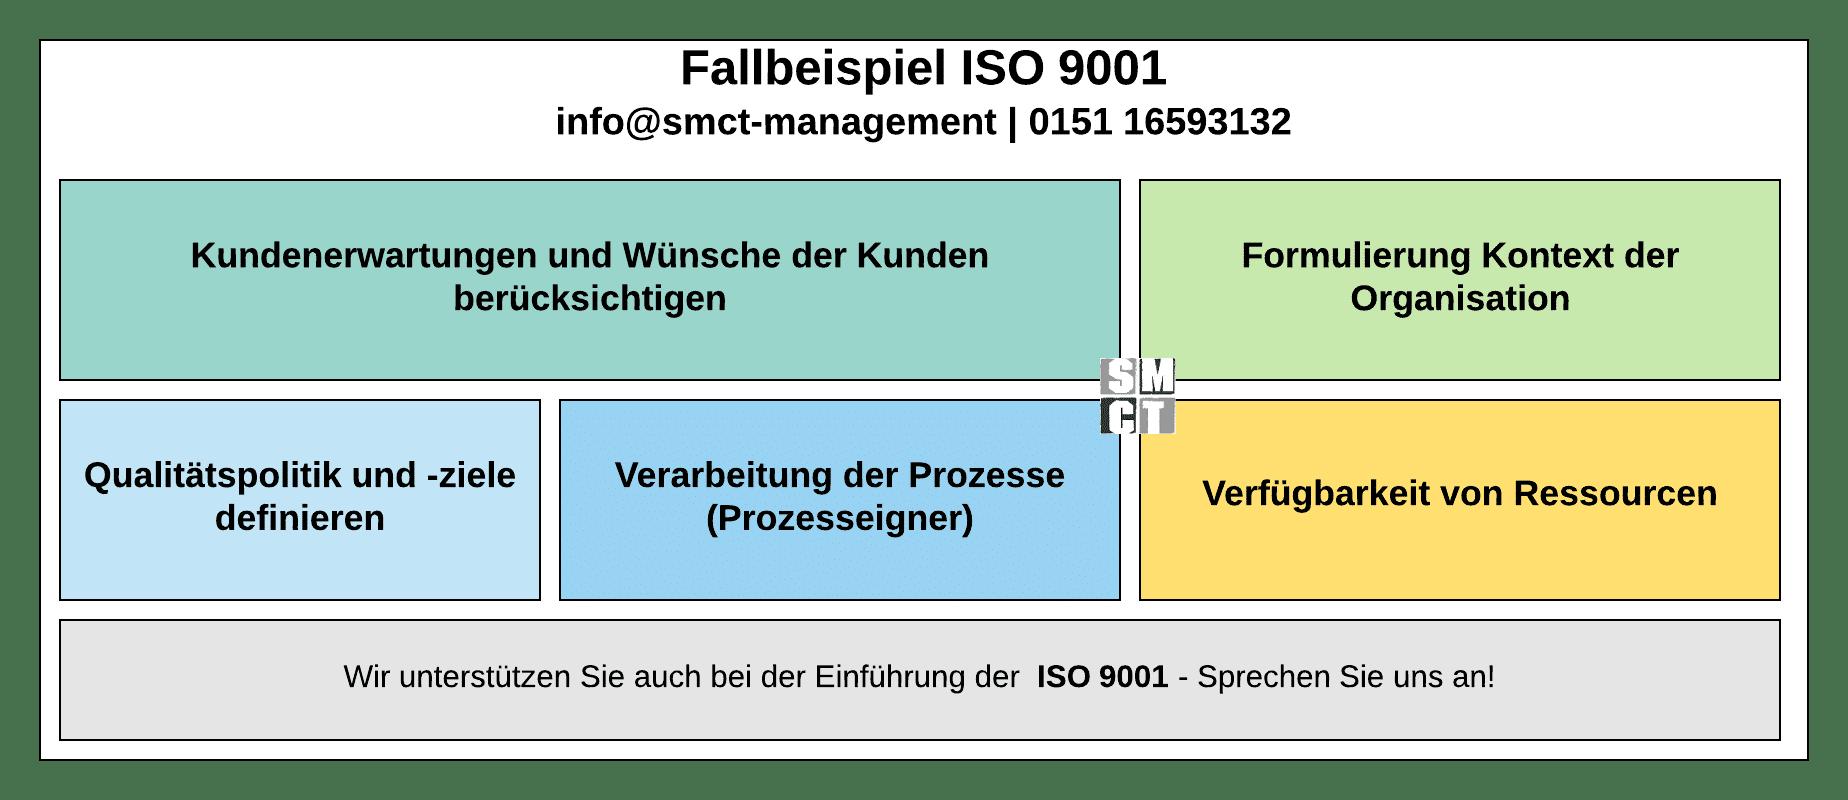 Fallbeispiel Aufbau Qm System Einfuhrung Eines Qm Systems Iso 9001